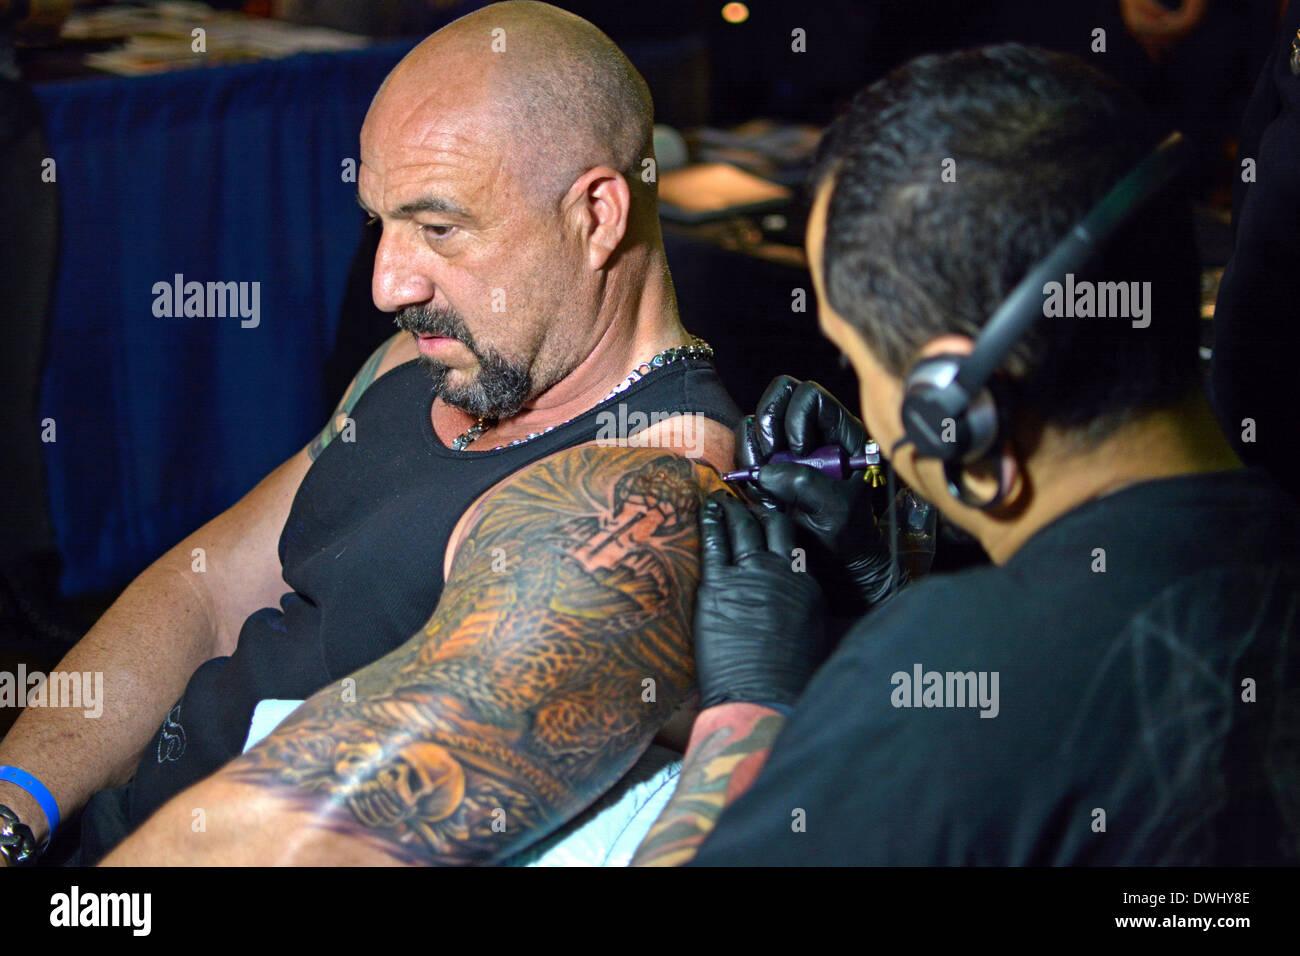 l'homme l'obtention d'un grand bras tattoo à la convention de